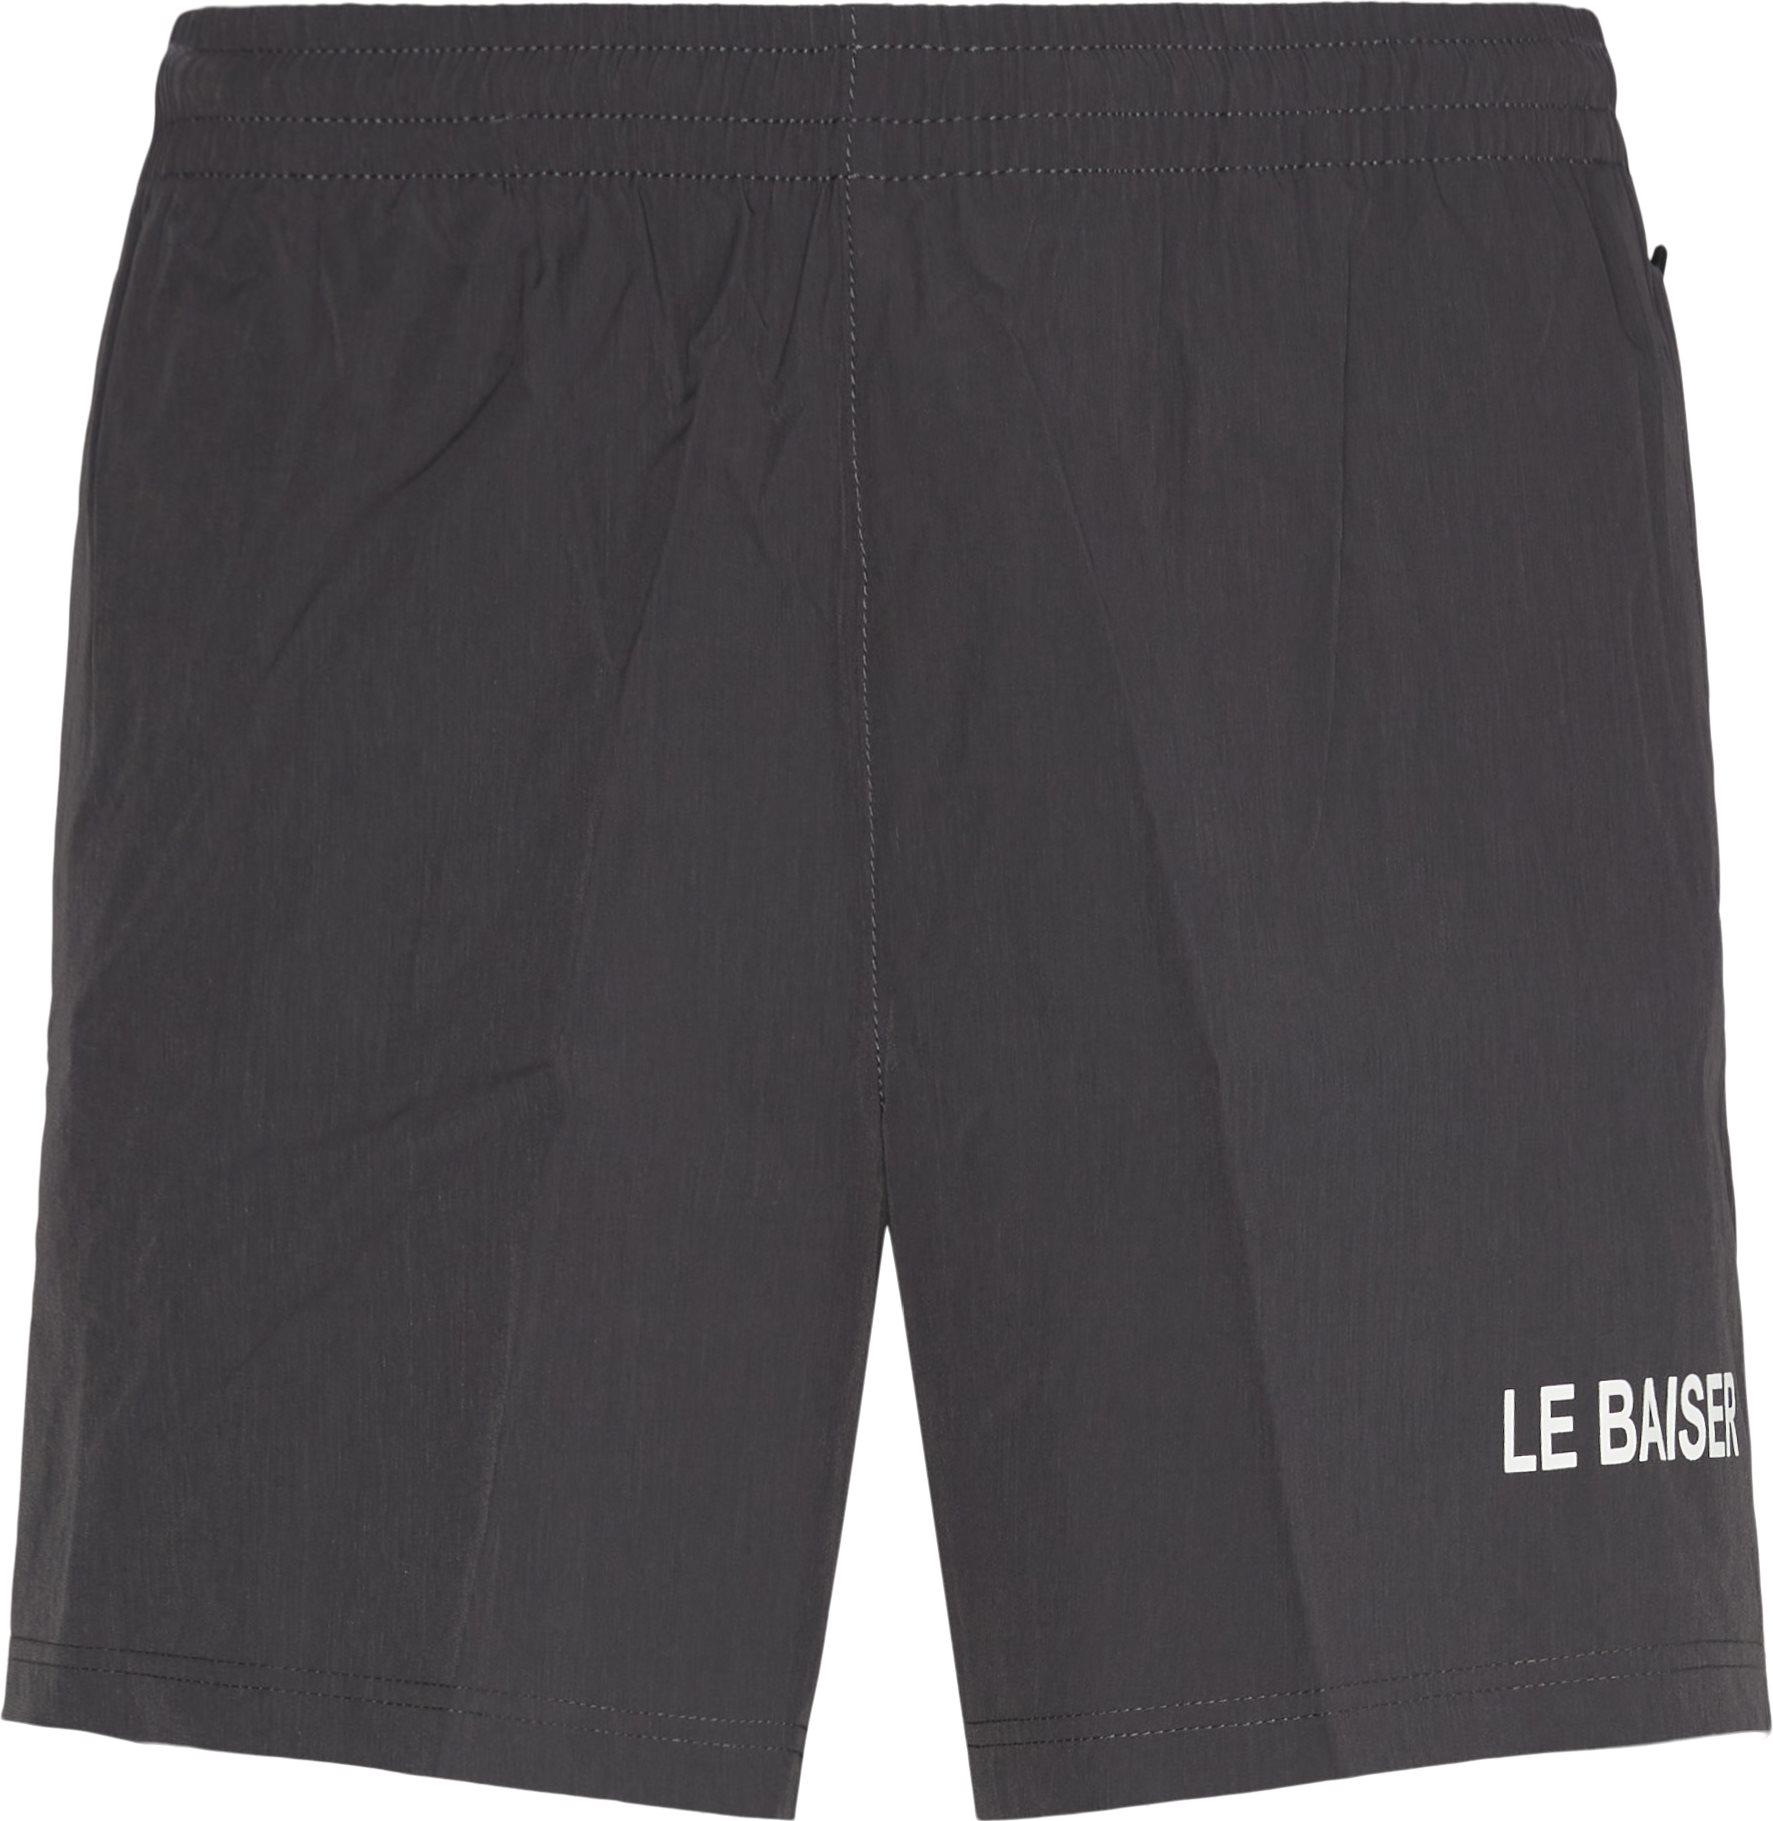 Fraise Shorts - Shorts - Regular fit - Grå